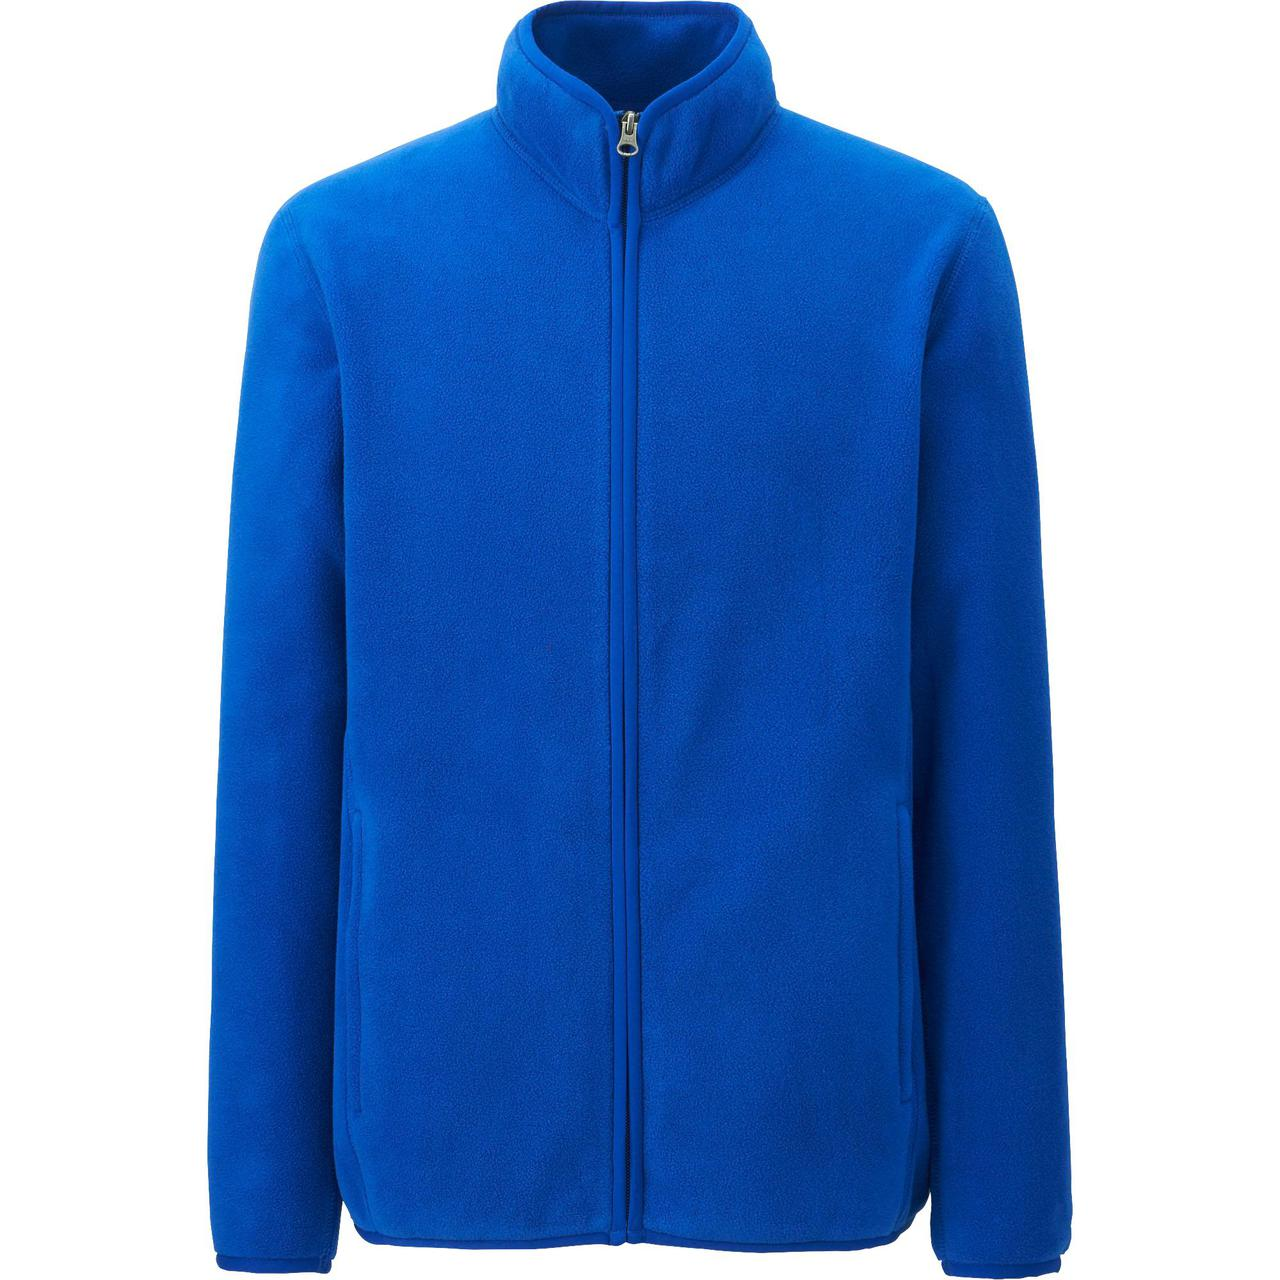 Флисовая кофта мужская Uniqlo Men Fleece Full-Zip BLUE